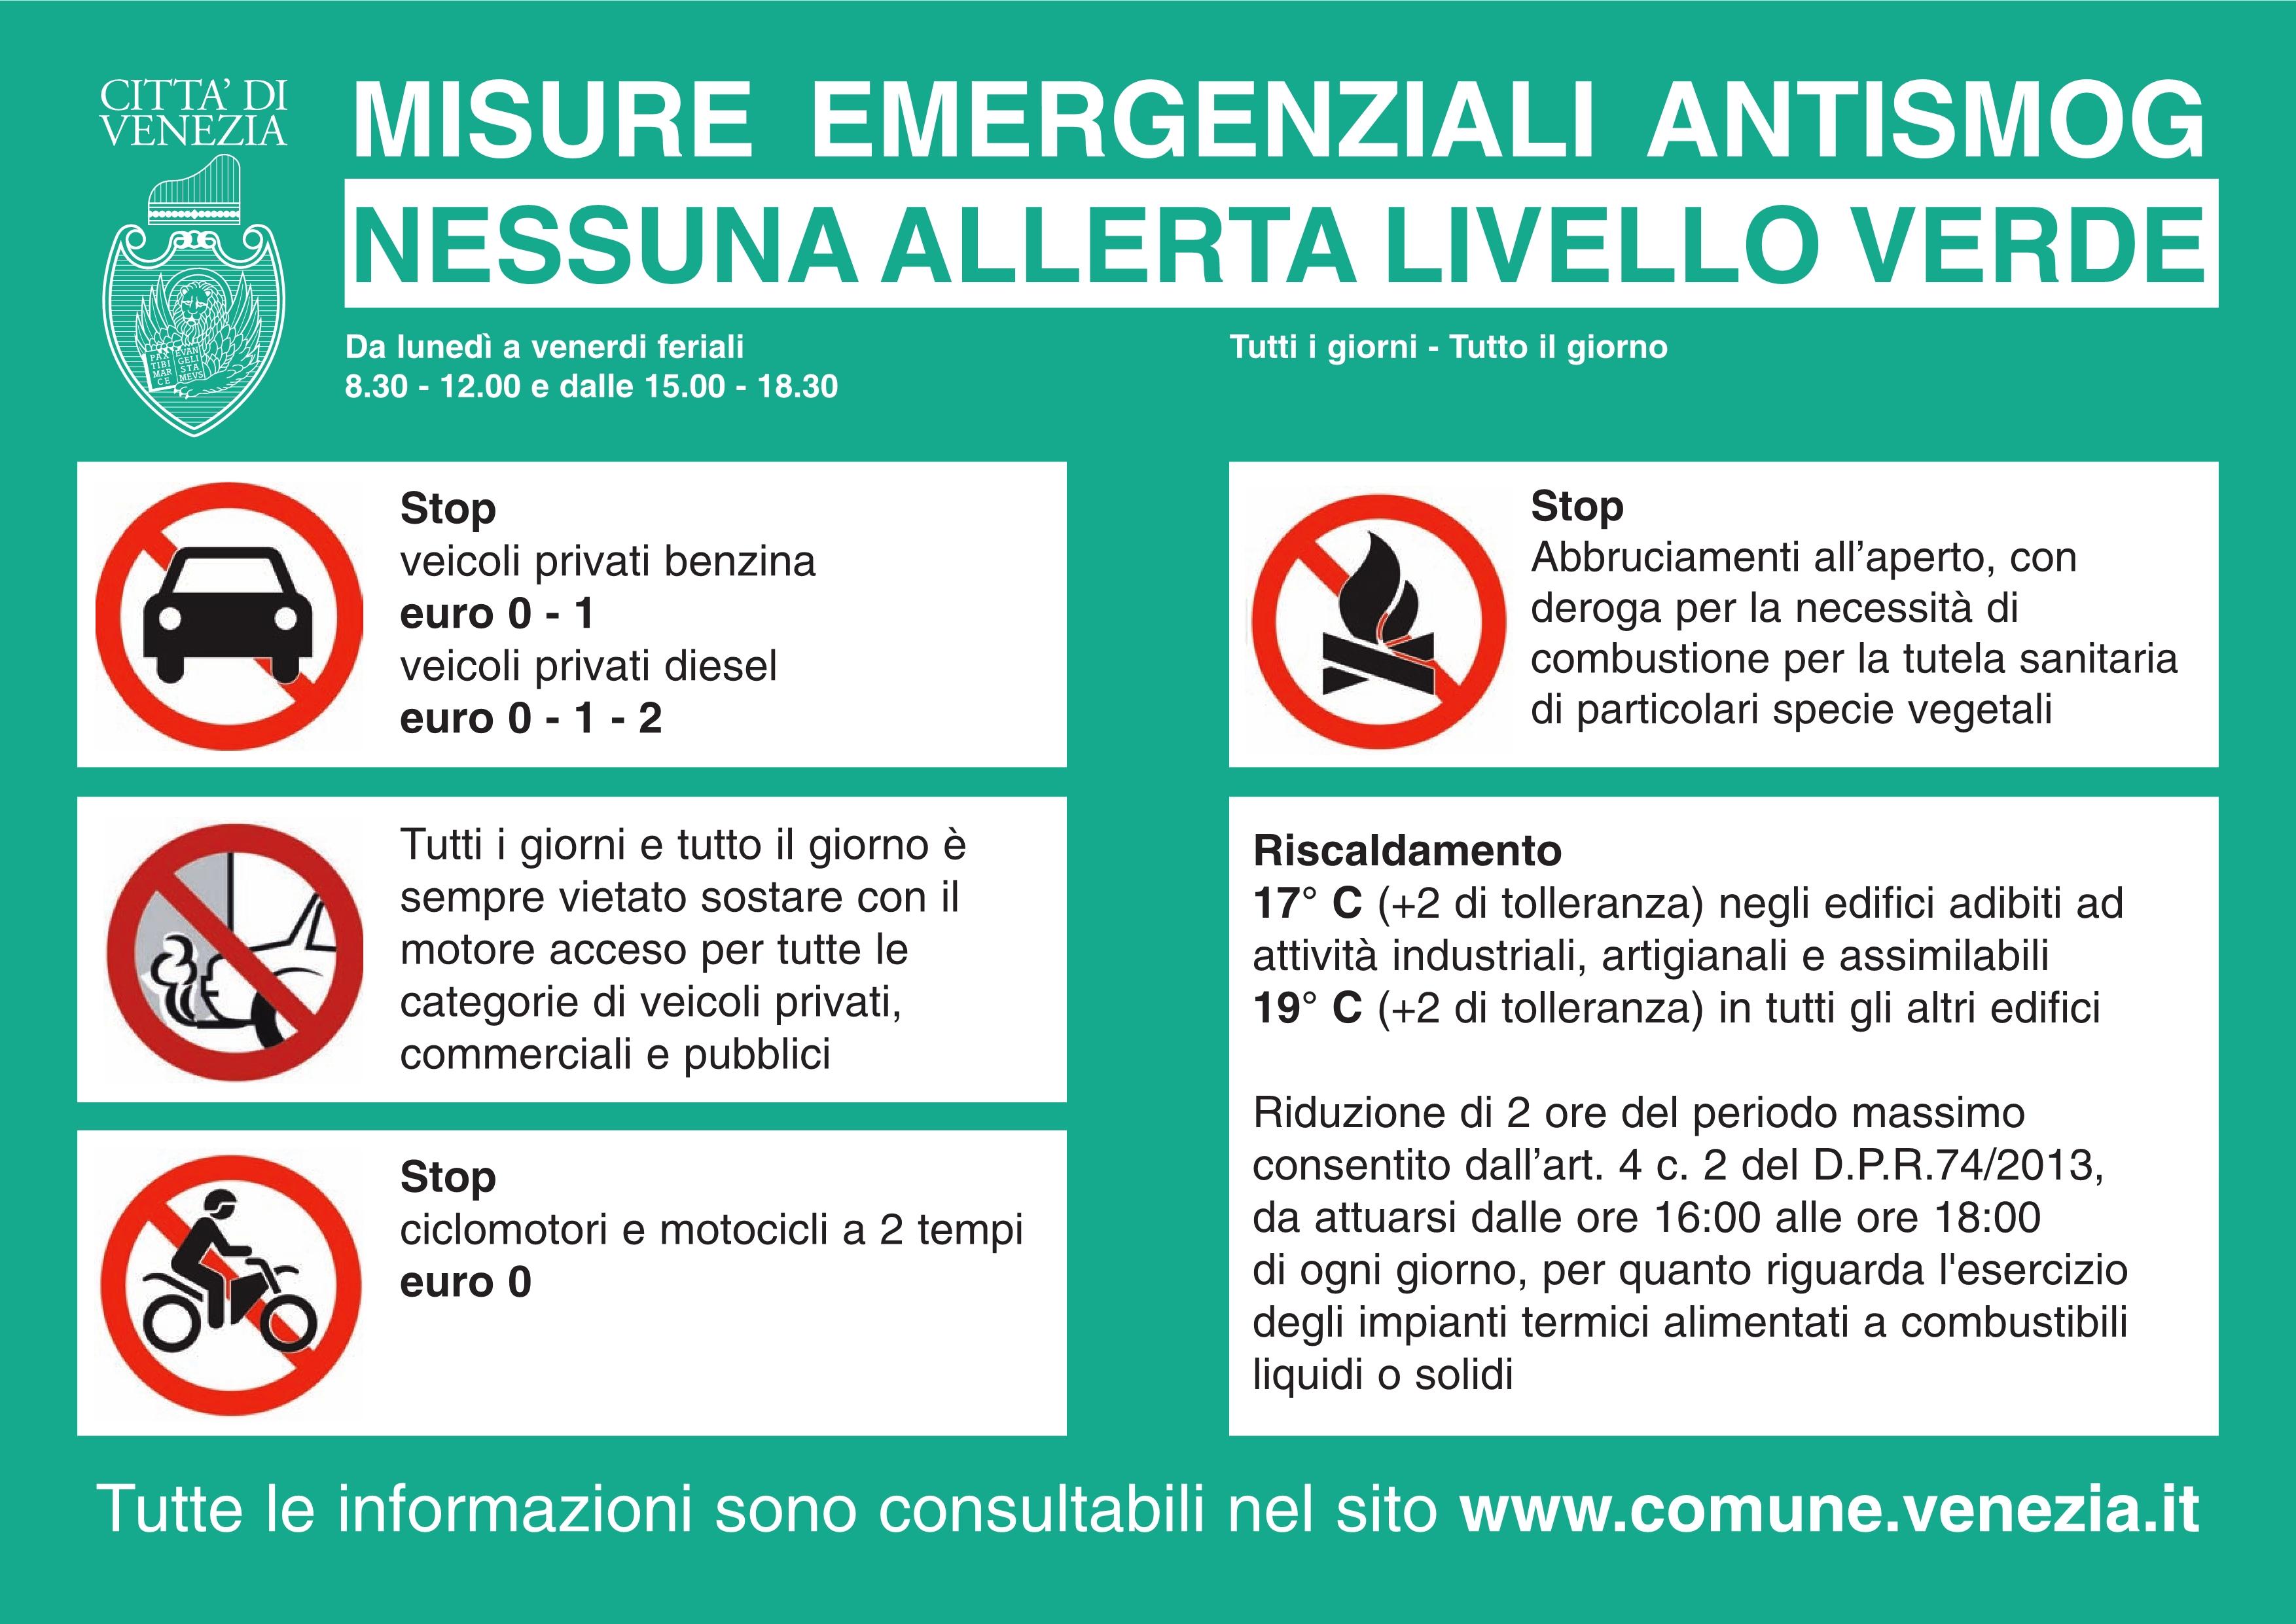 descrizione adempimenti in caso di allerta 0 - VERDE